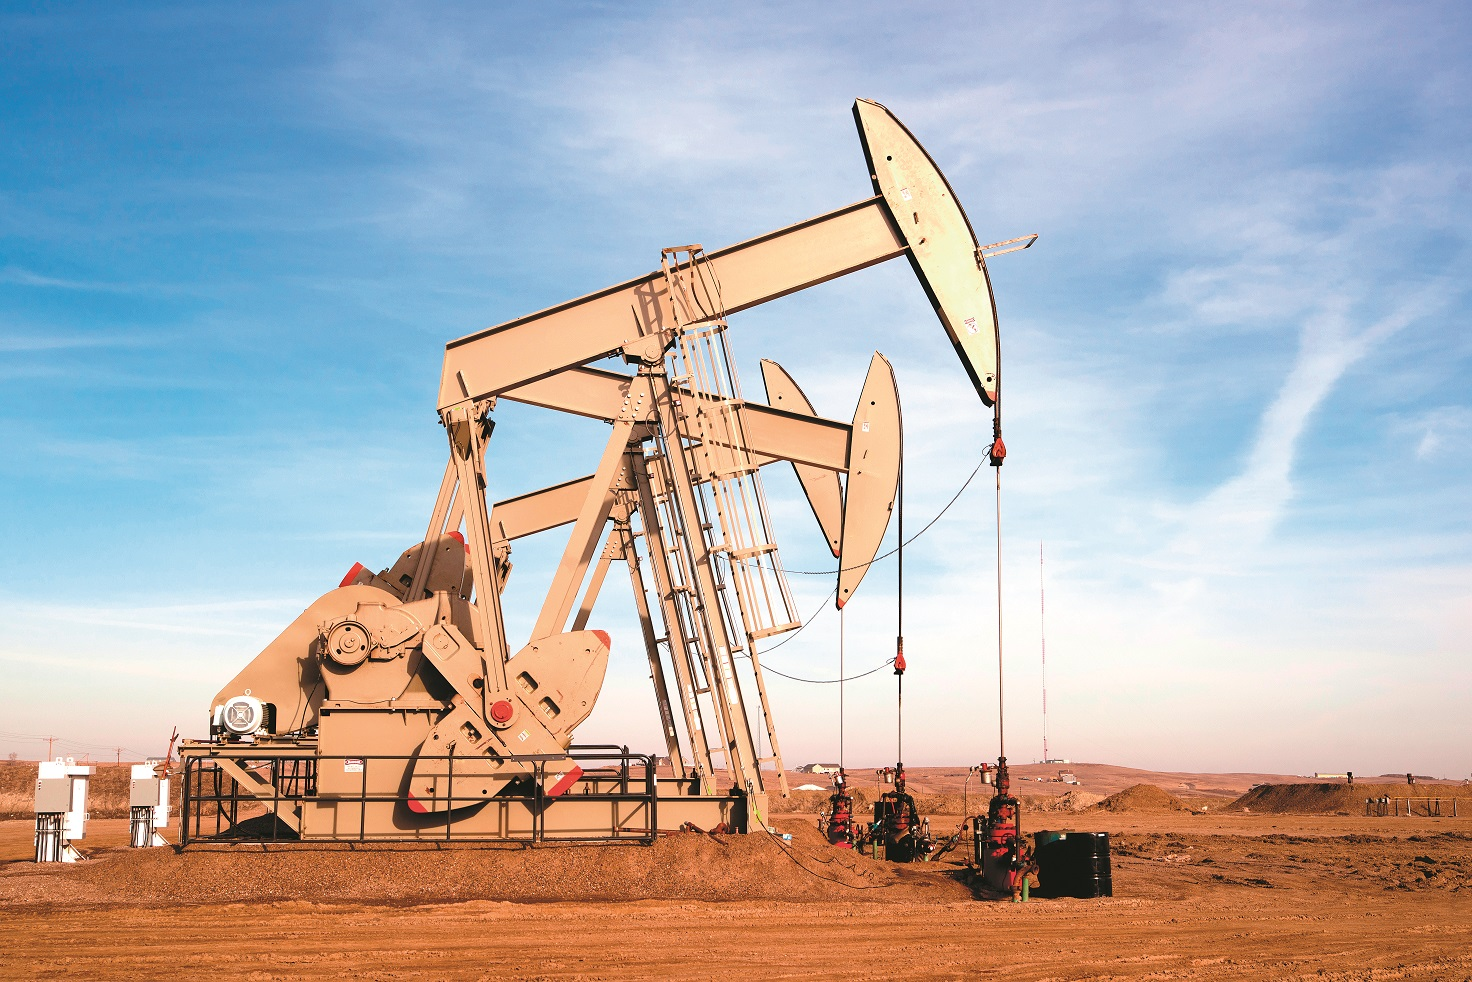 Governo não atribui novas licenças para prospeção de petróleo até 2019